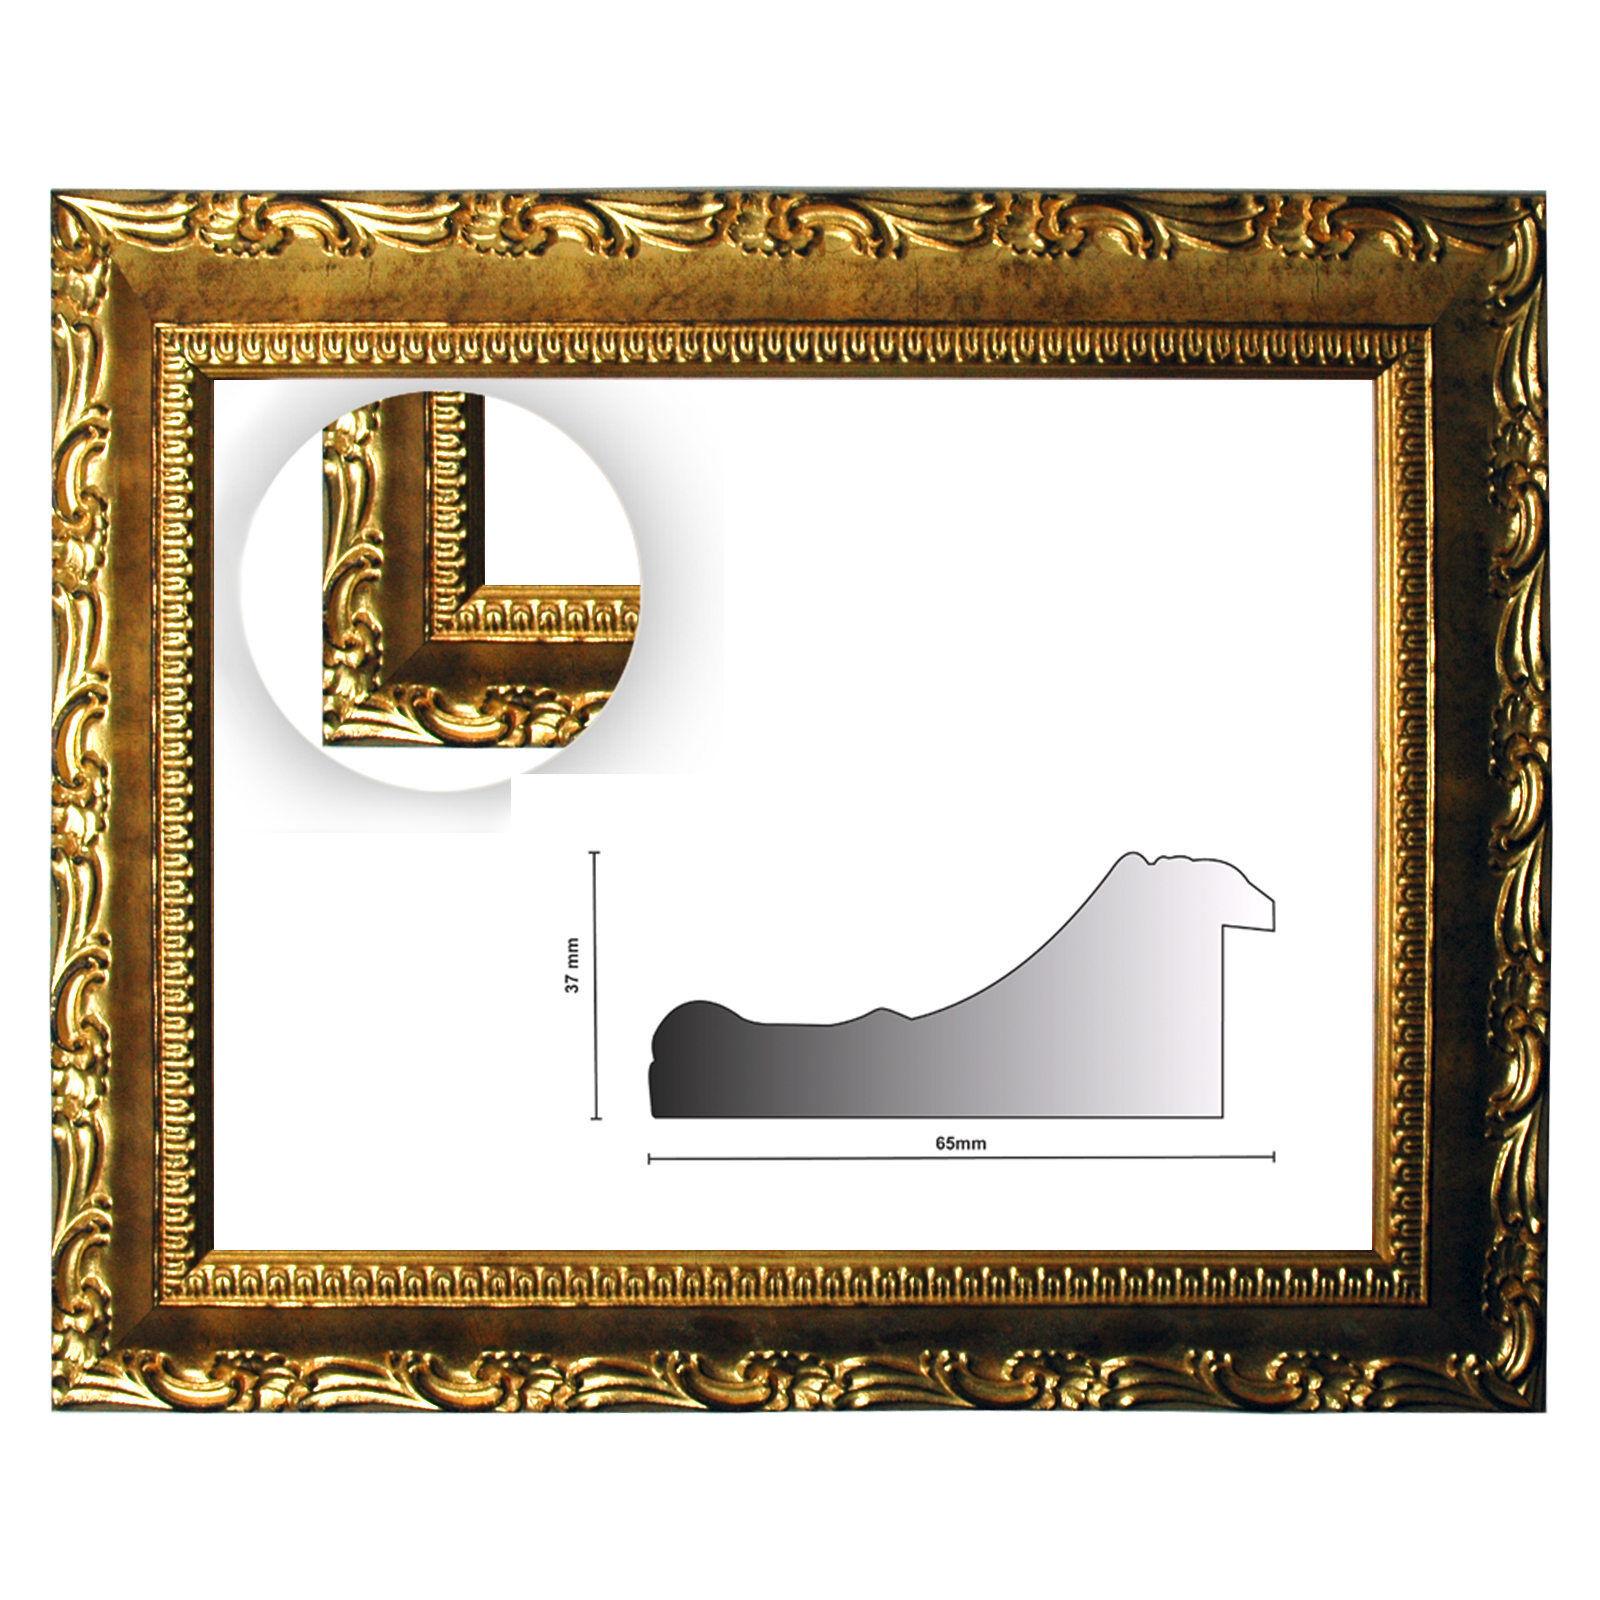 Baroque frame oro finemente decorato decorato decorato 952 oro, diverse varianti 079b82